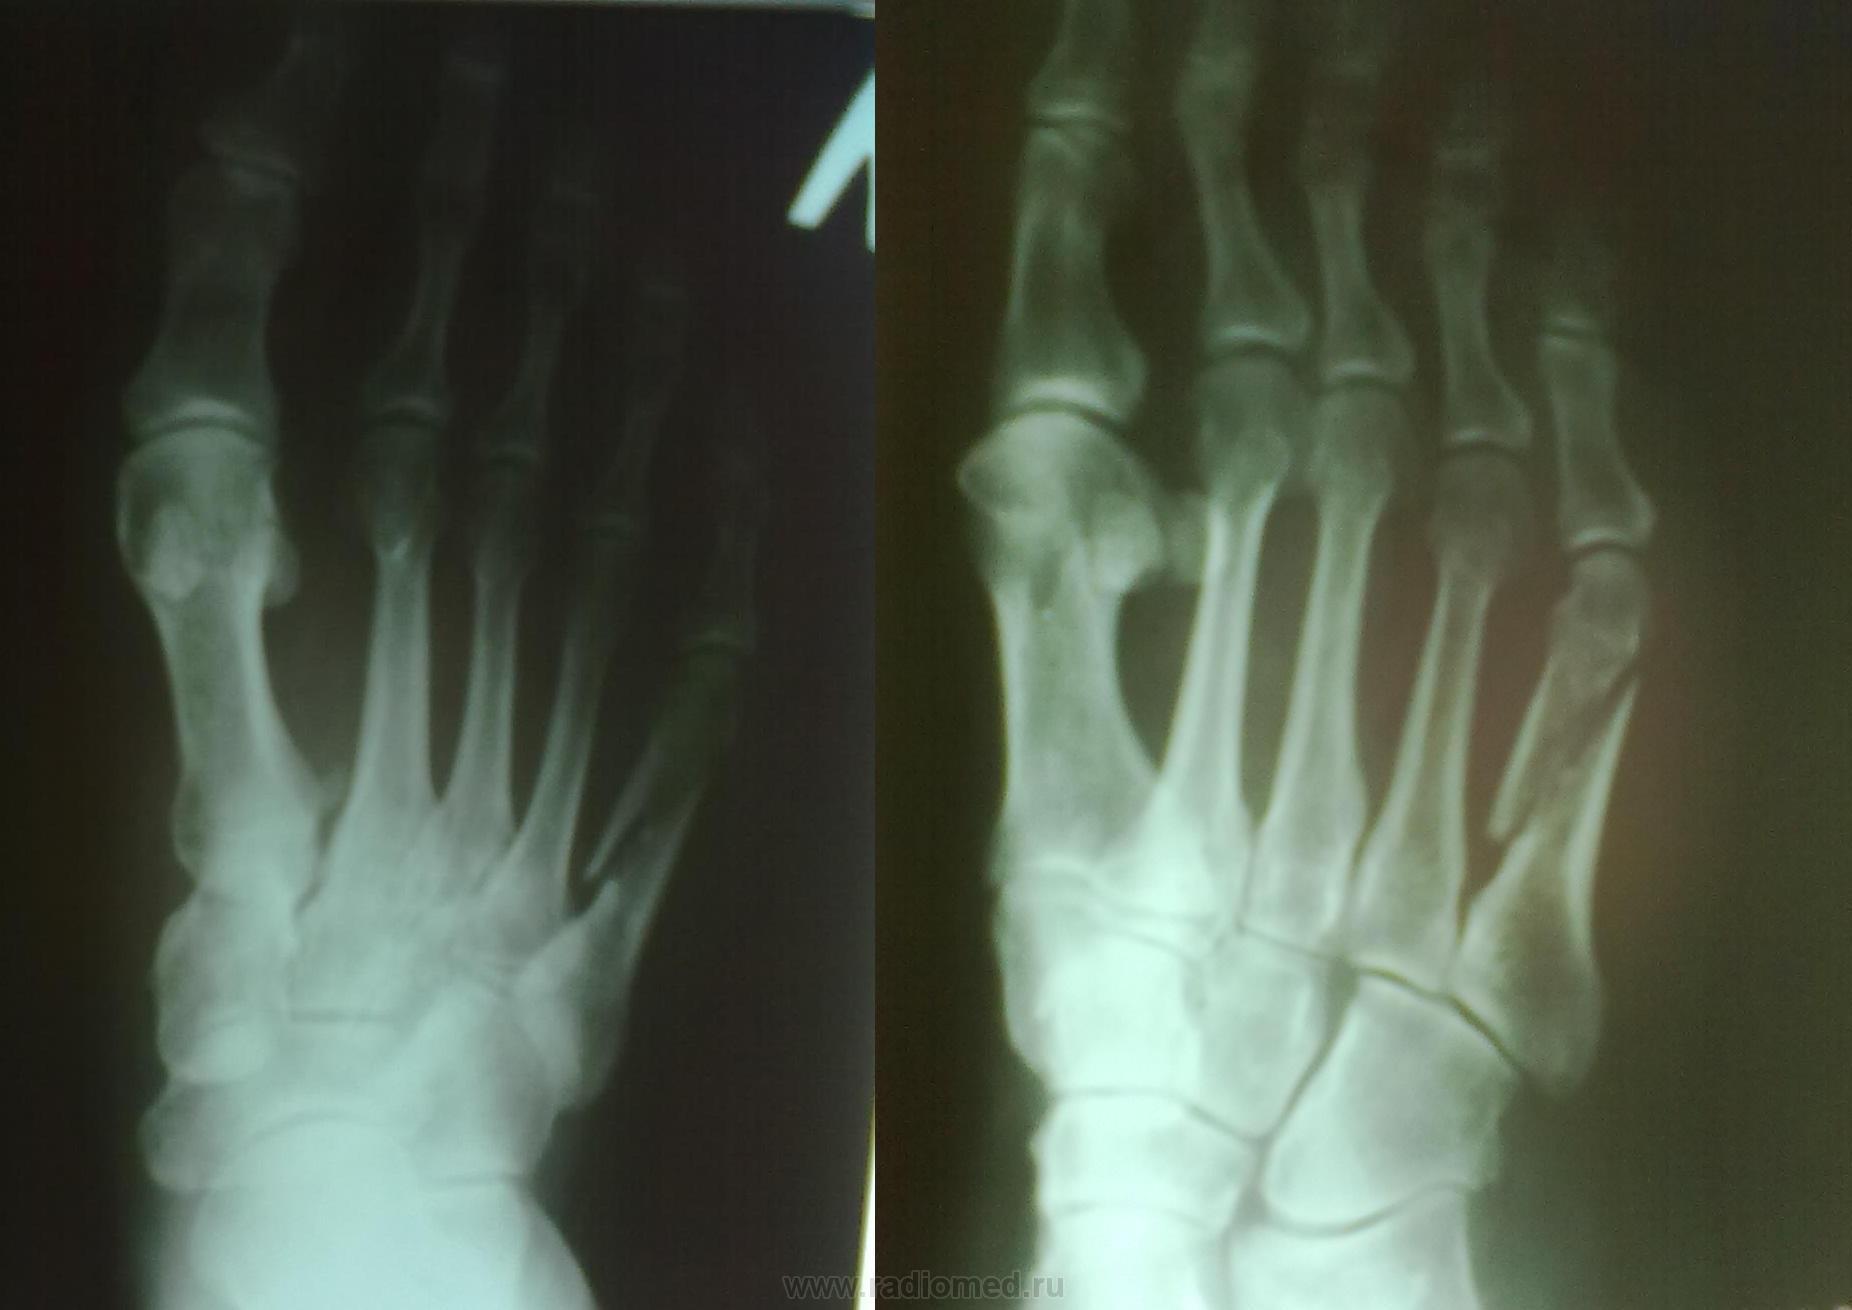 Смещение кости в суставе 5 букв как лечить артрит и артроз тазобедренного сустава